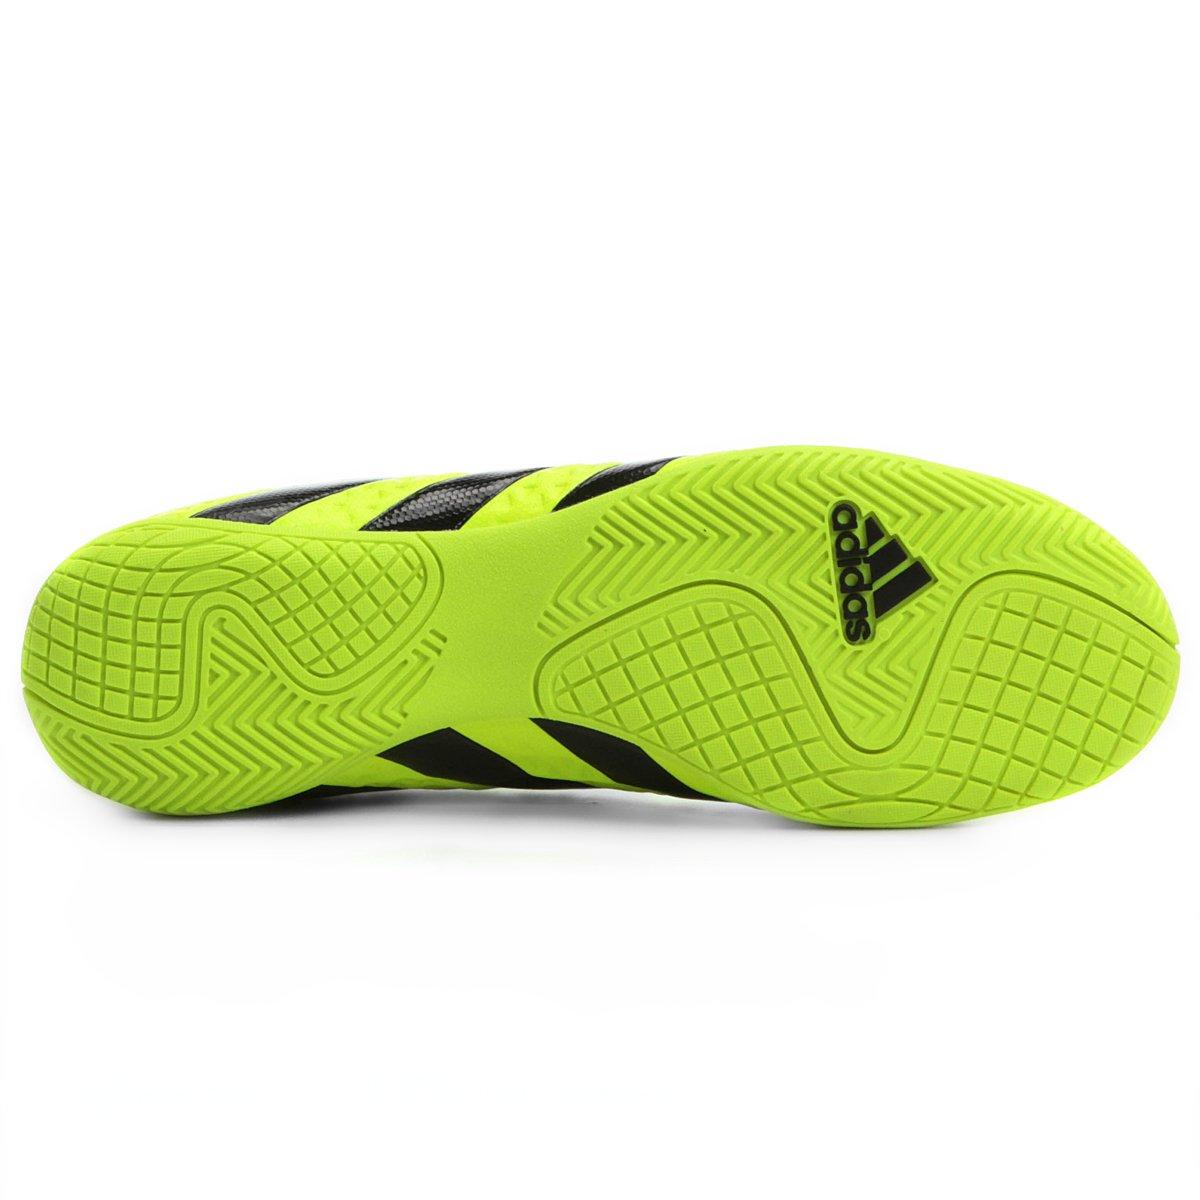 Preto Chuteira 4 Futsal Verde Adidas Limão Masculina Ace e IN 16 6v6qP